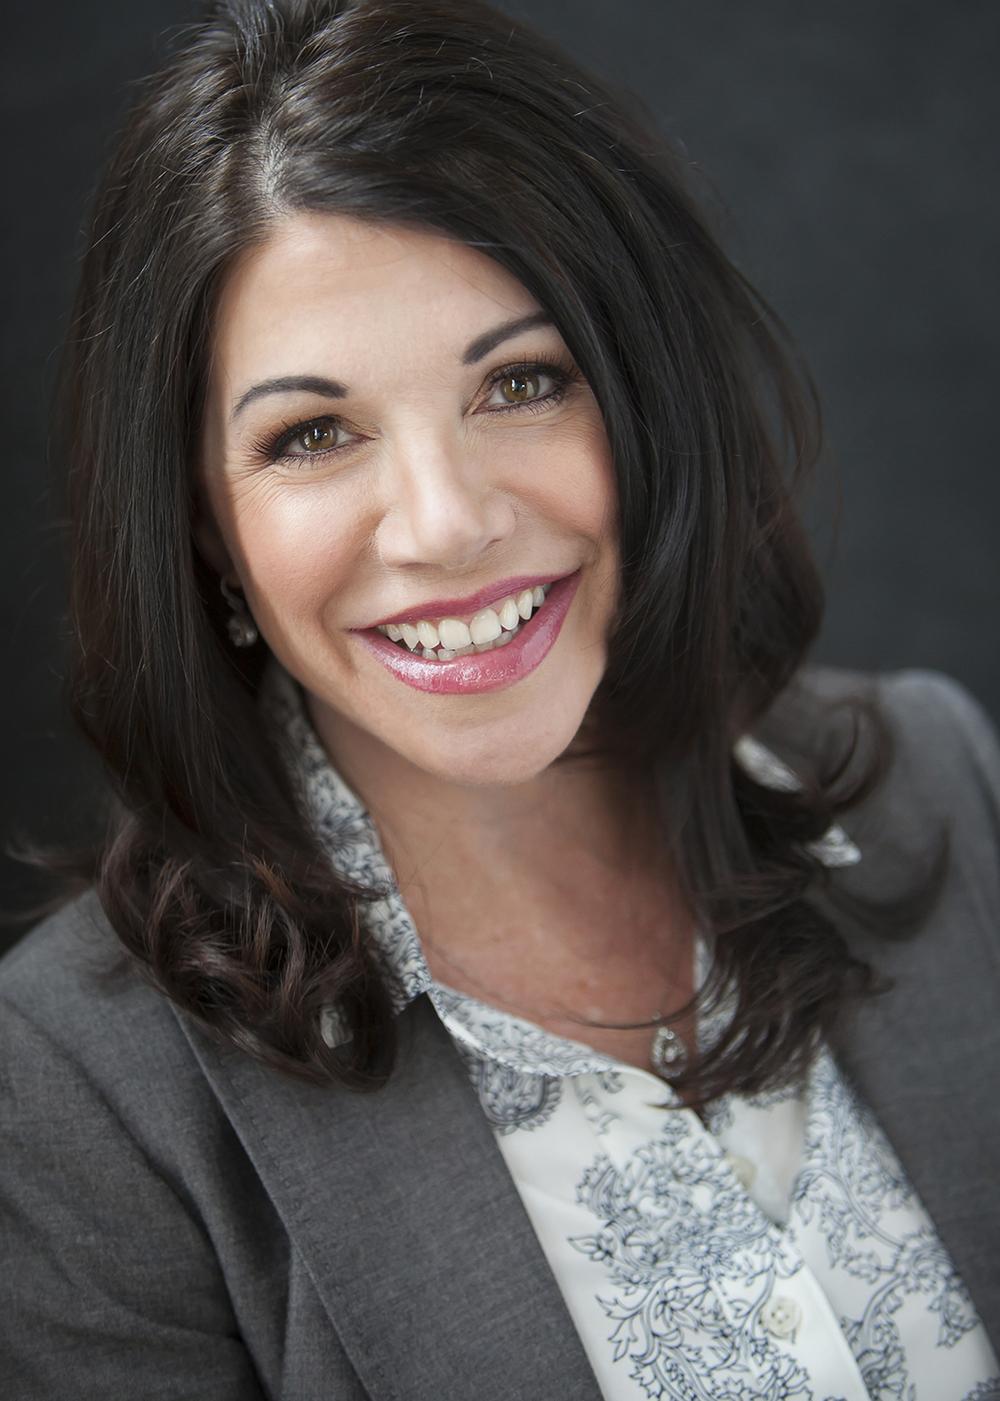 Modern Personal Branding Portraits with Denver Photographer Jennifer Koskinen | Merritt Portrait Studio